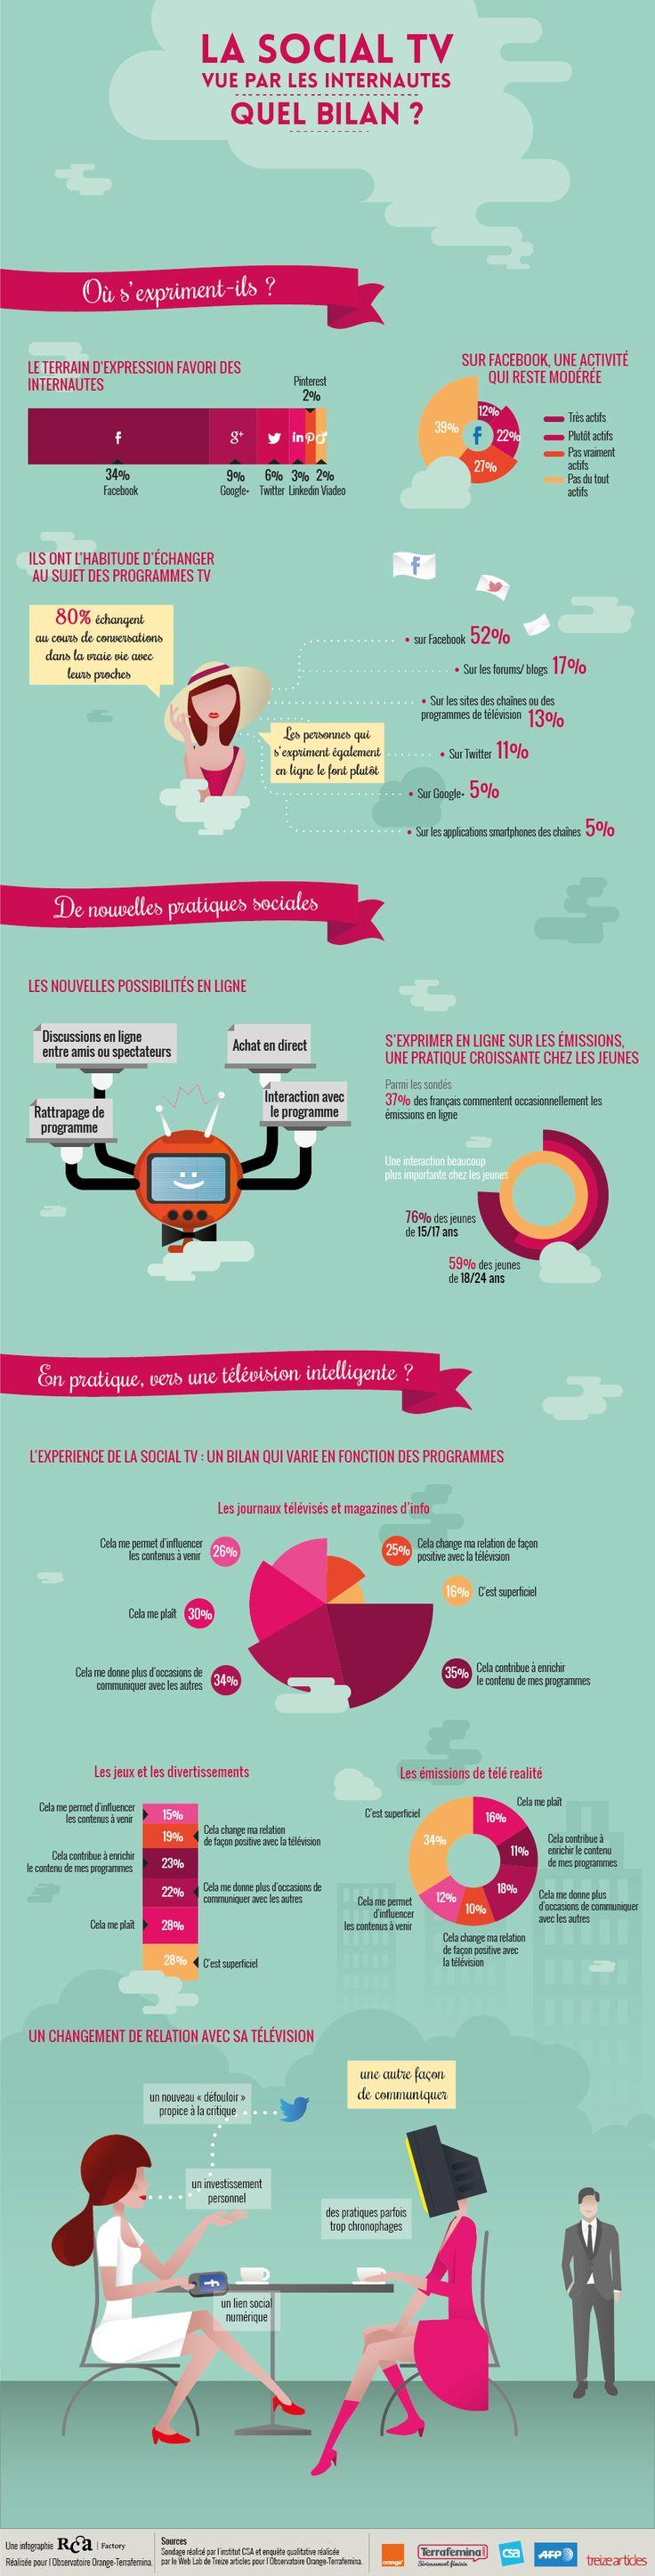 La Social TV et les internautes